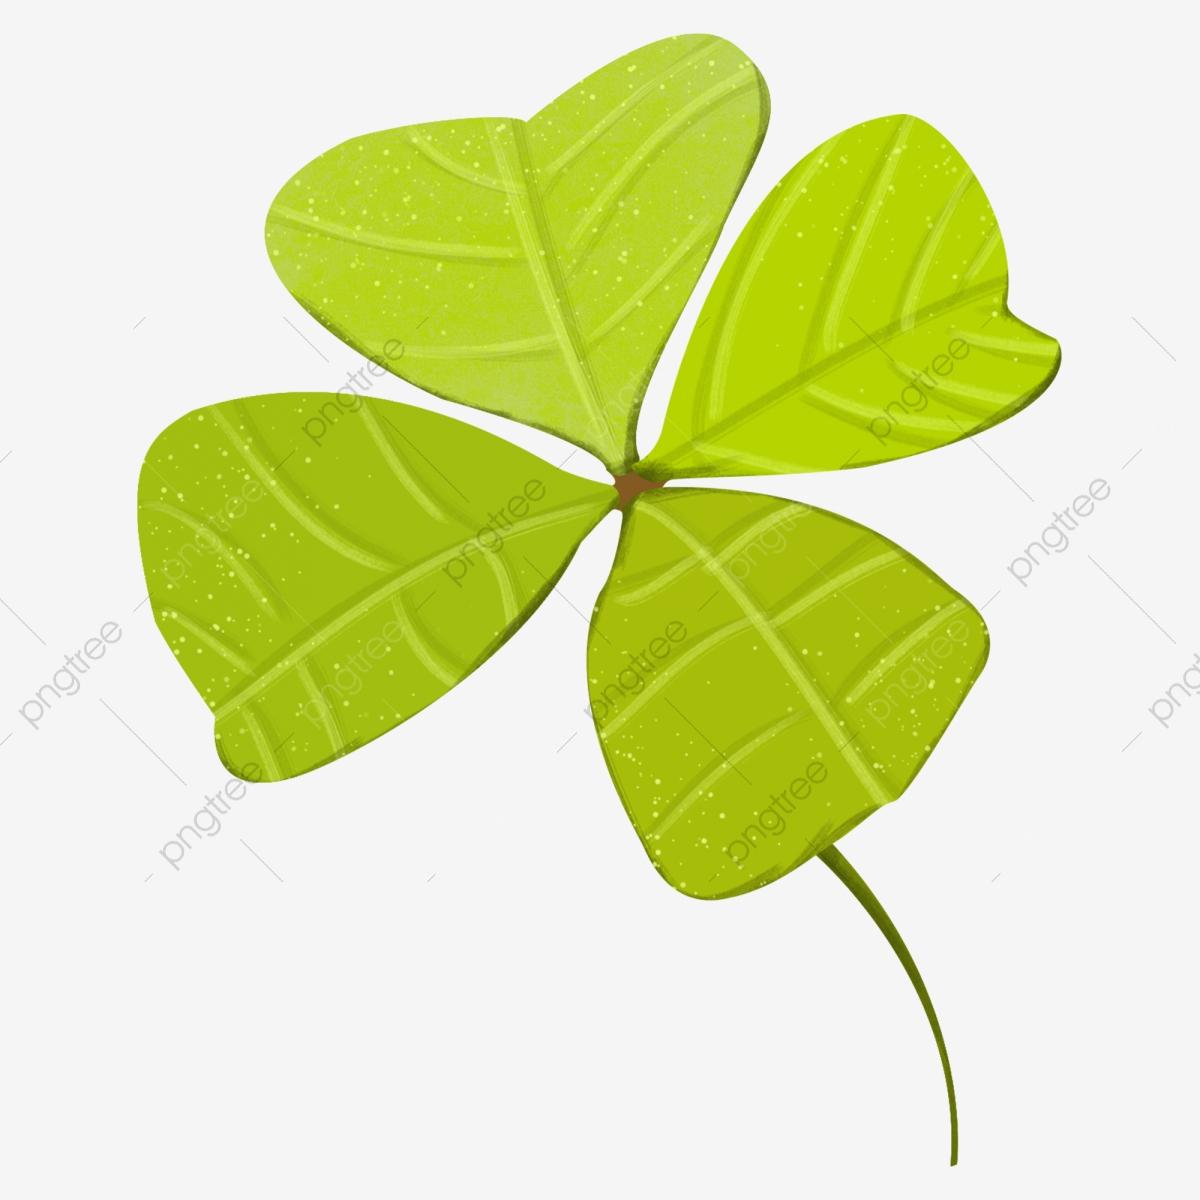 Grün Vierblättriges Kleeblatt Glücksklee Abbildung, Pflanze verwandt mit Glücksklee Vorlage